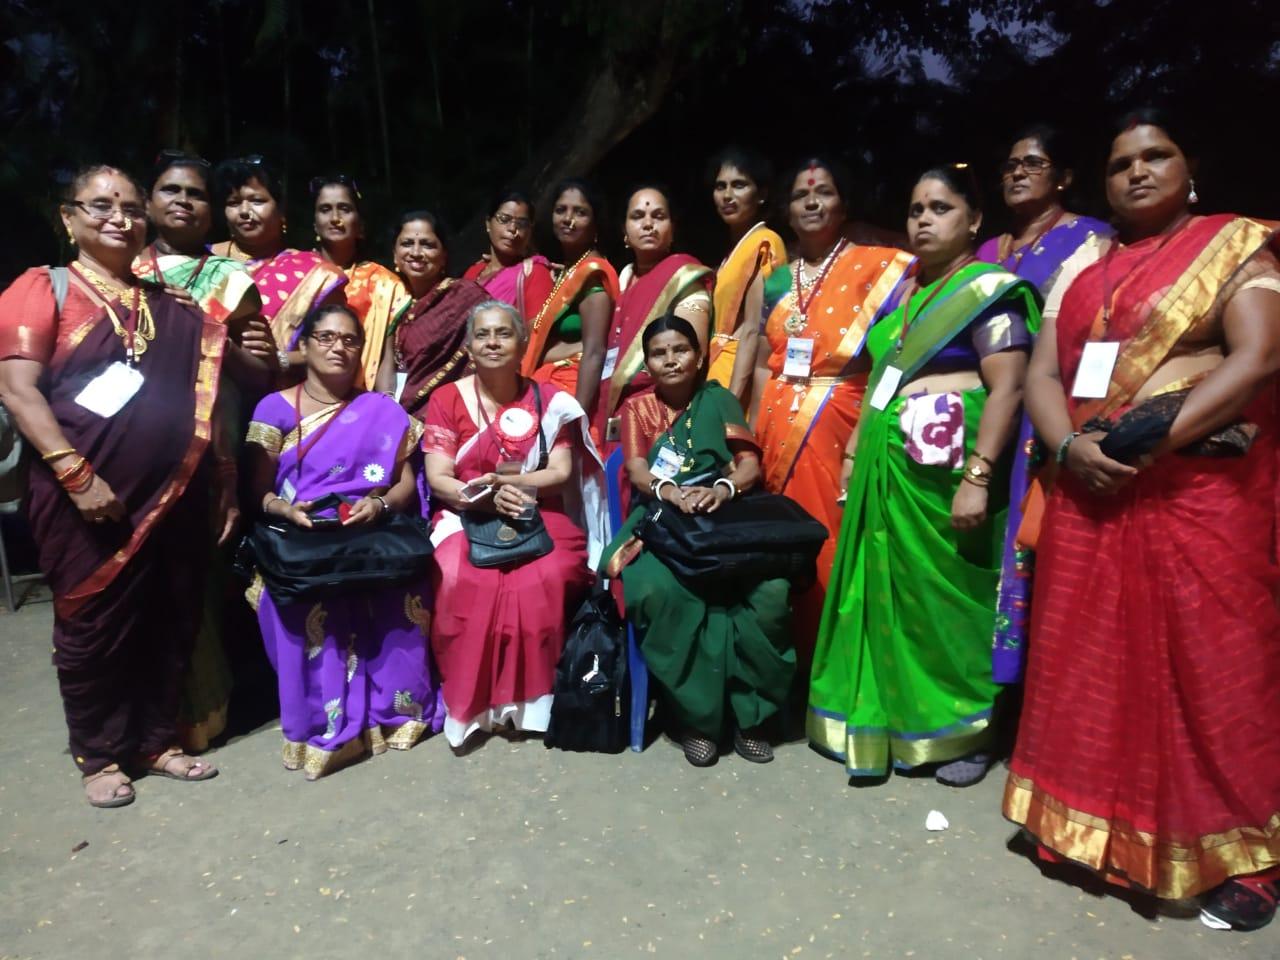 अखिल भारतीय अंगणवाडी सेविका व मदतनीस फेडरेशनचे ९ वे अधिवेशन उत्साहात संपन्न